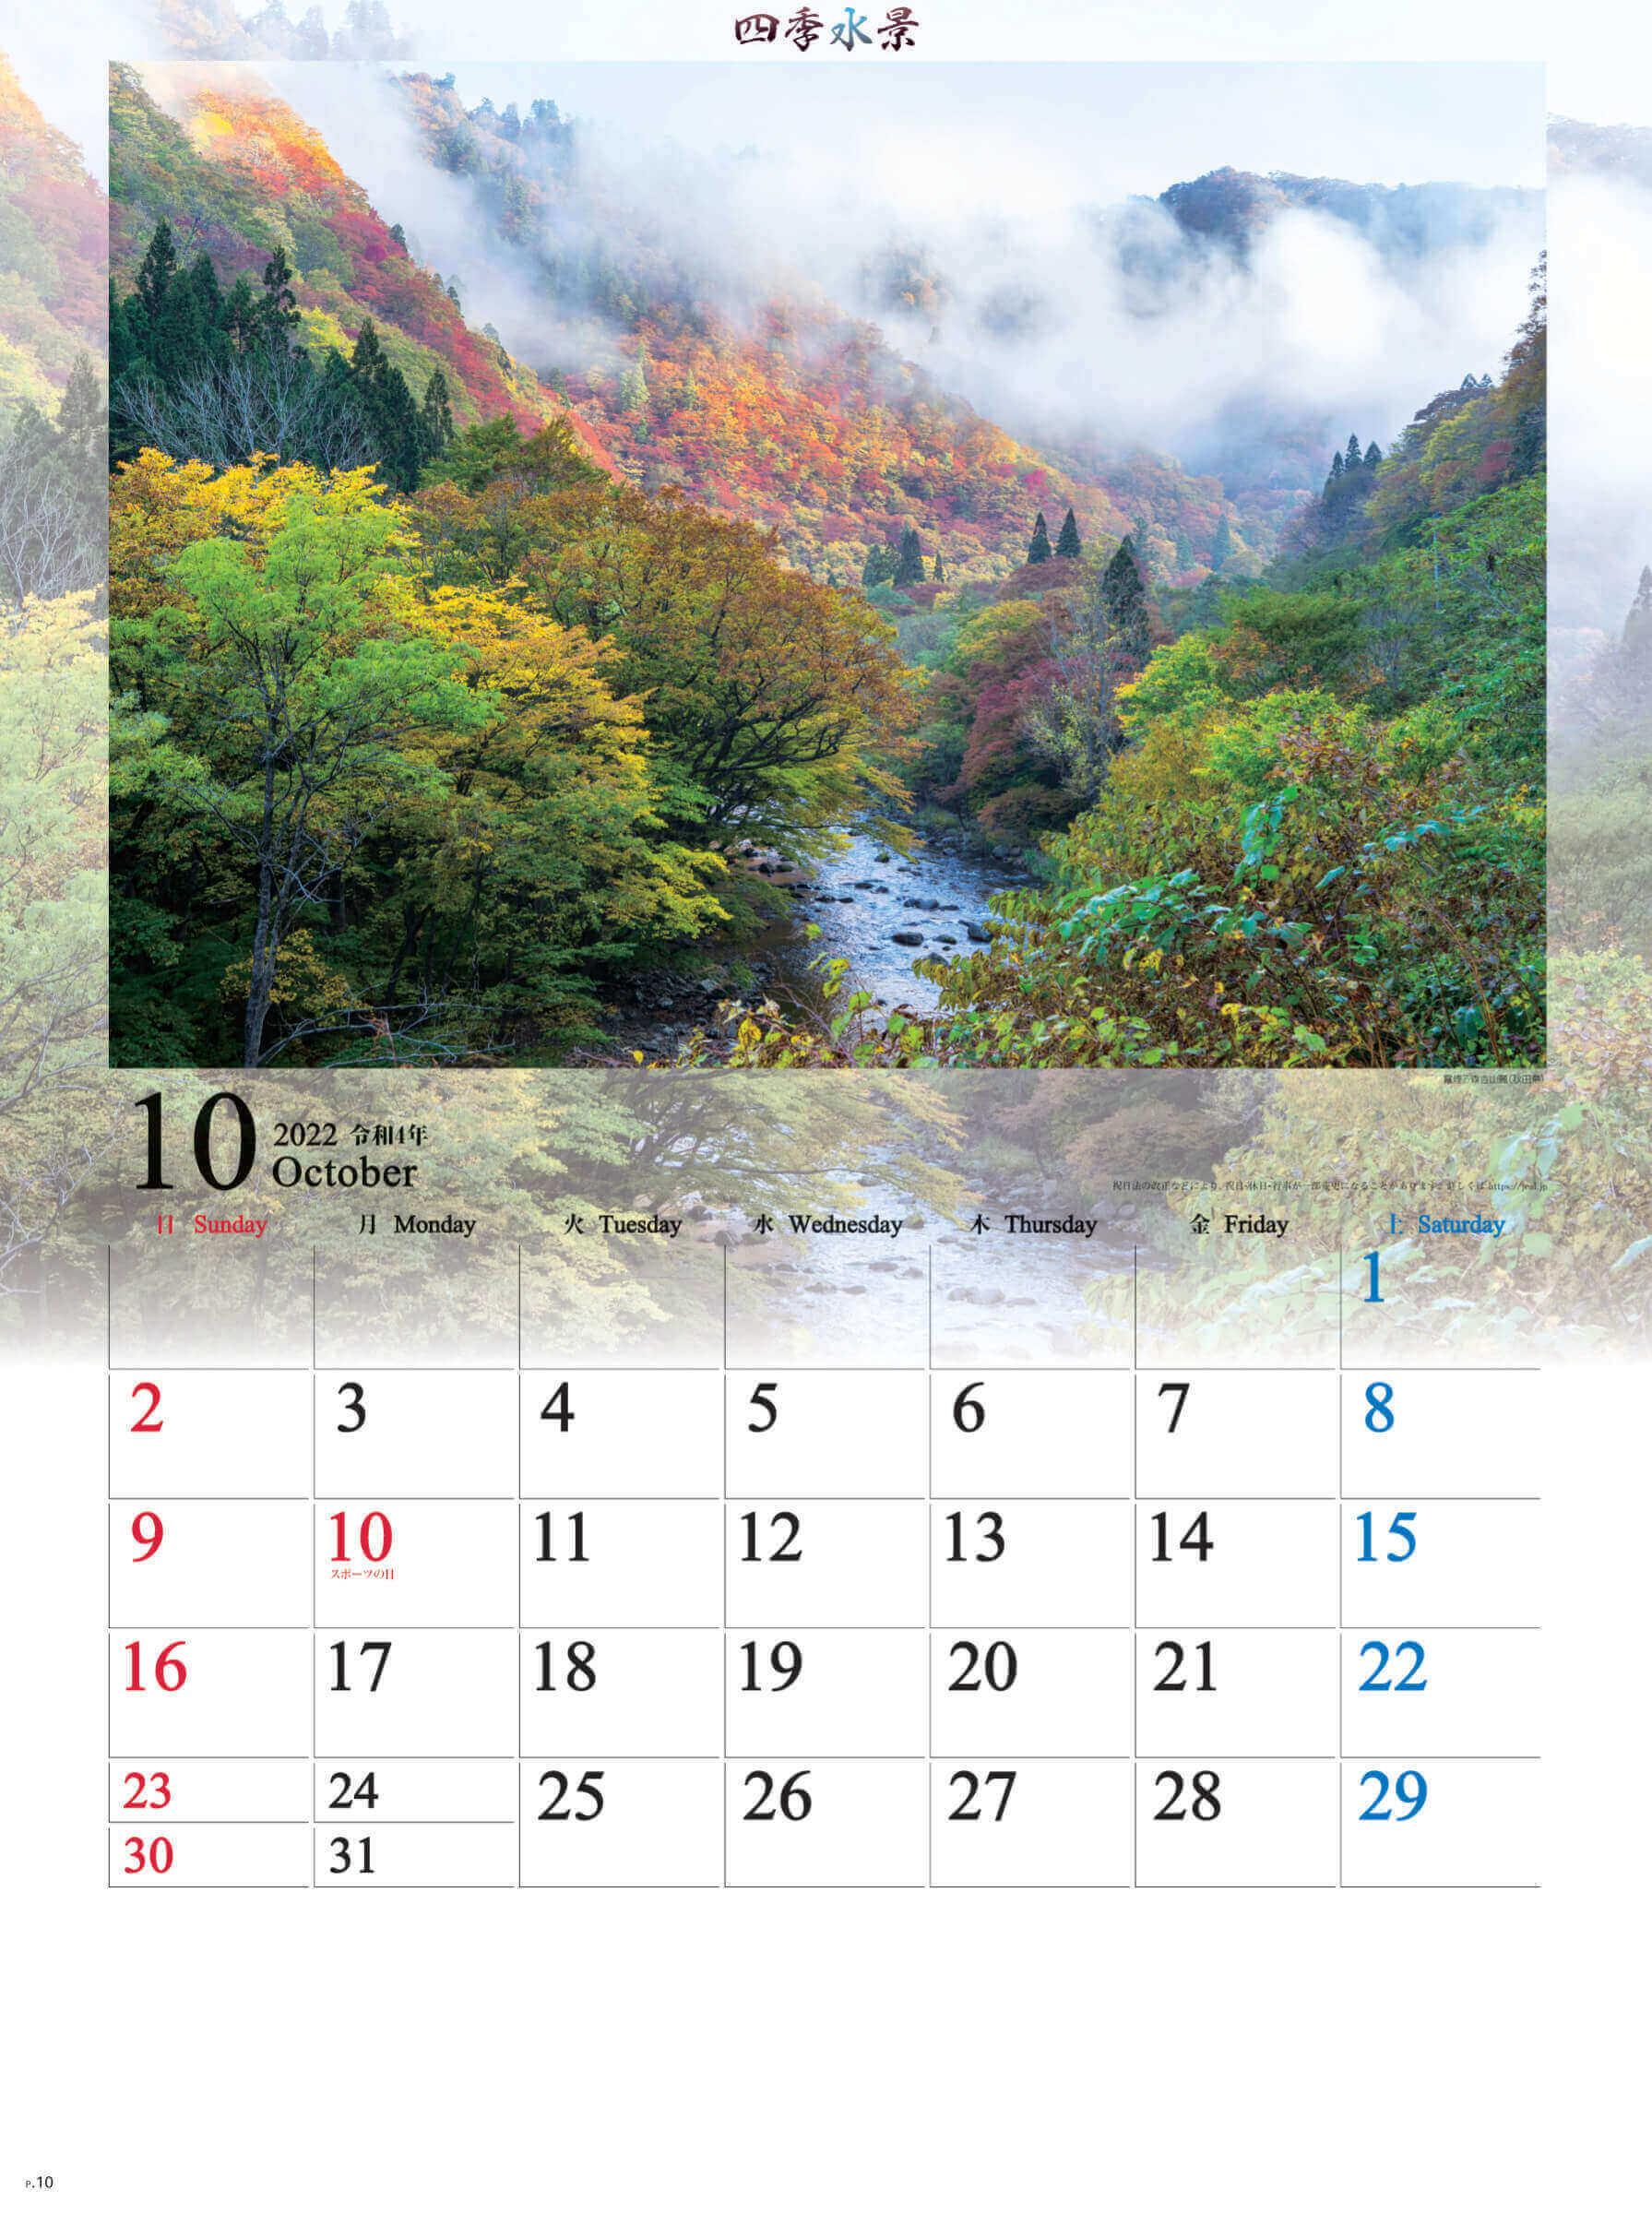 10月 森吉山麓(秋田) 四季水景 2022年カレンダーの画像